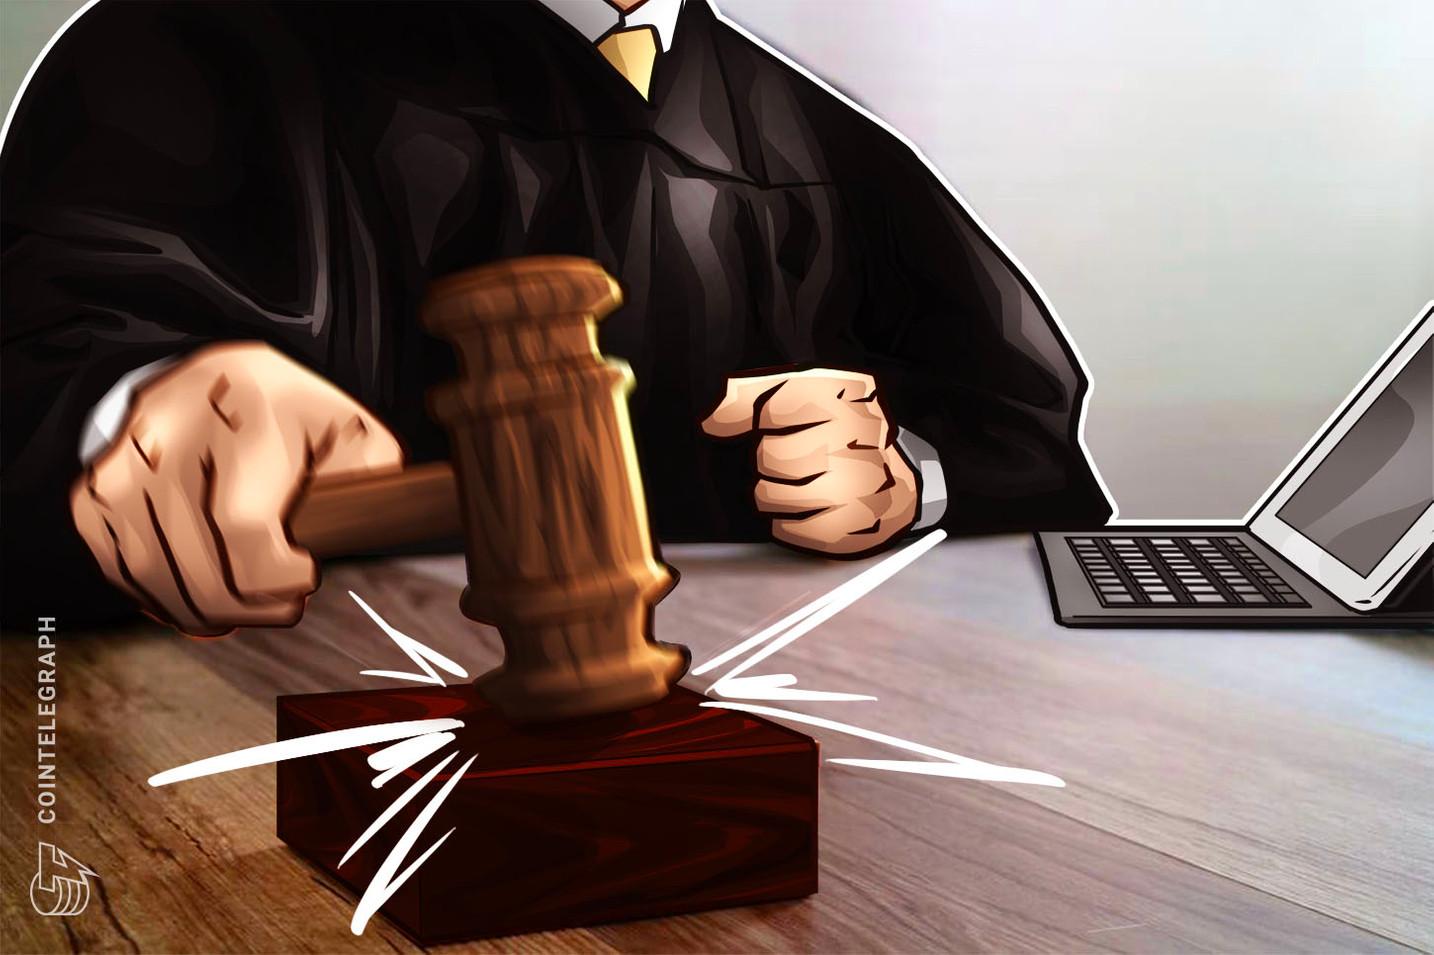 ダークウェブの闇サイト「シルクロード」相談役、米裁判所で有罪を認める【ニュース】